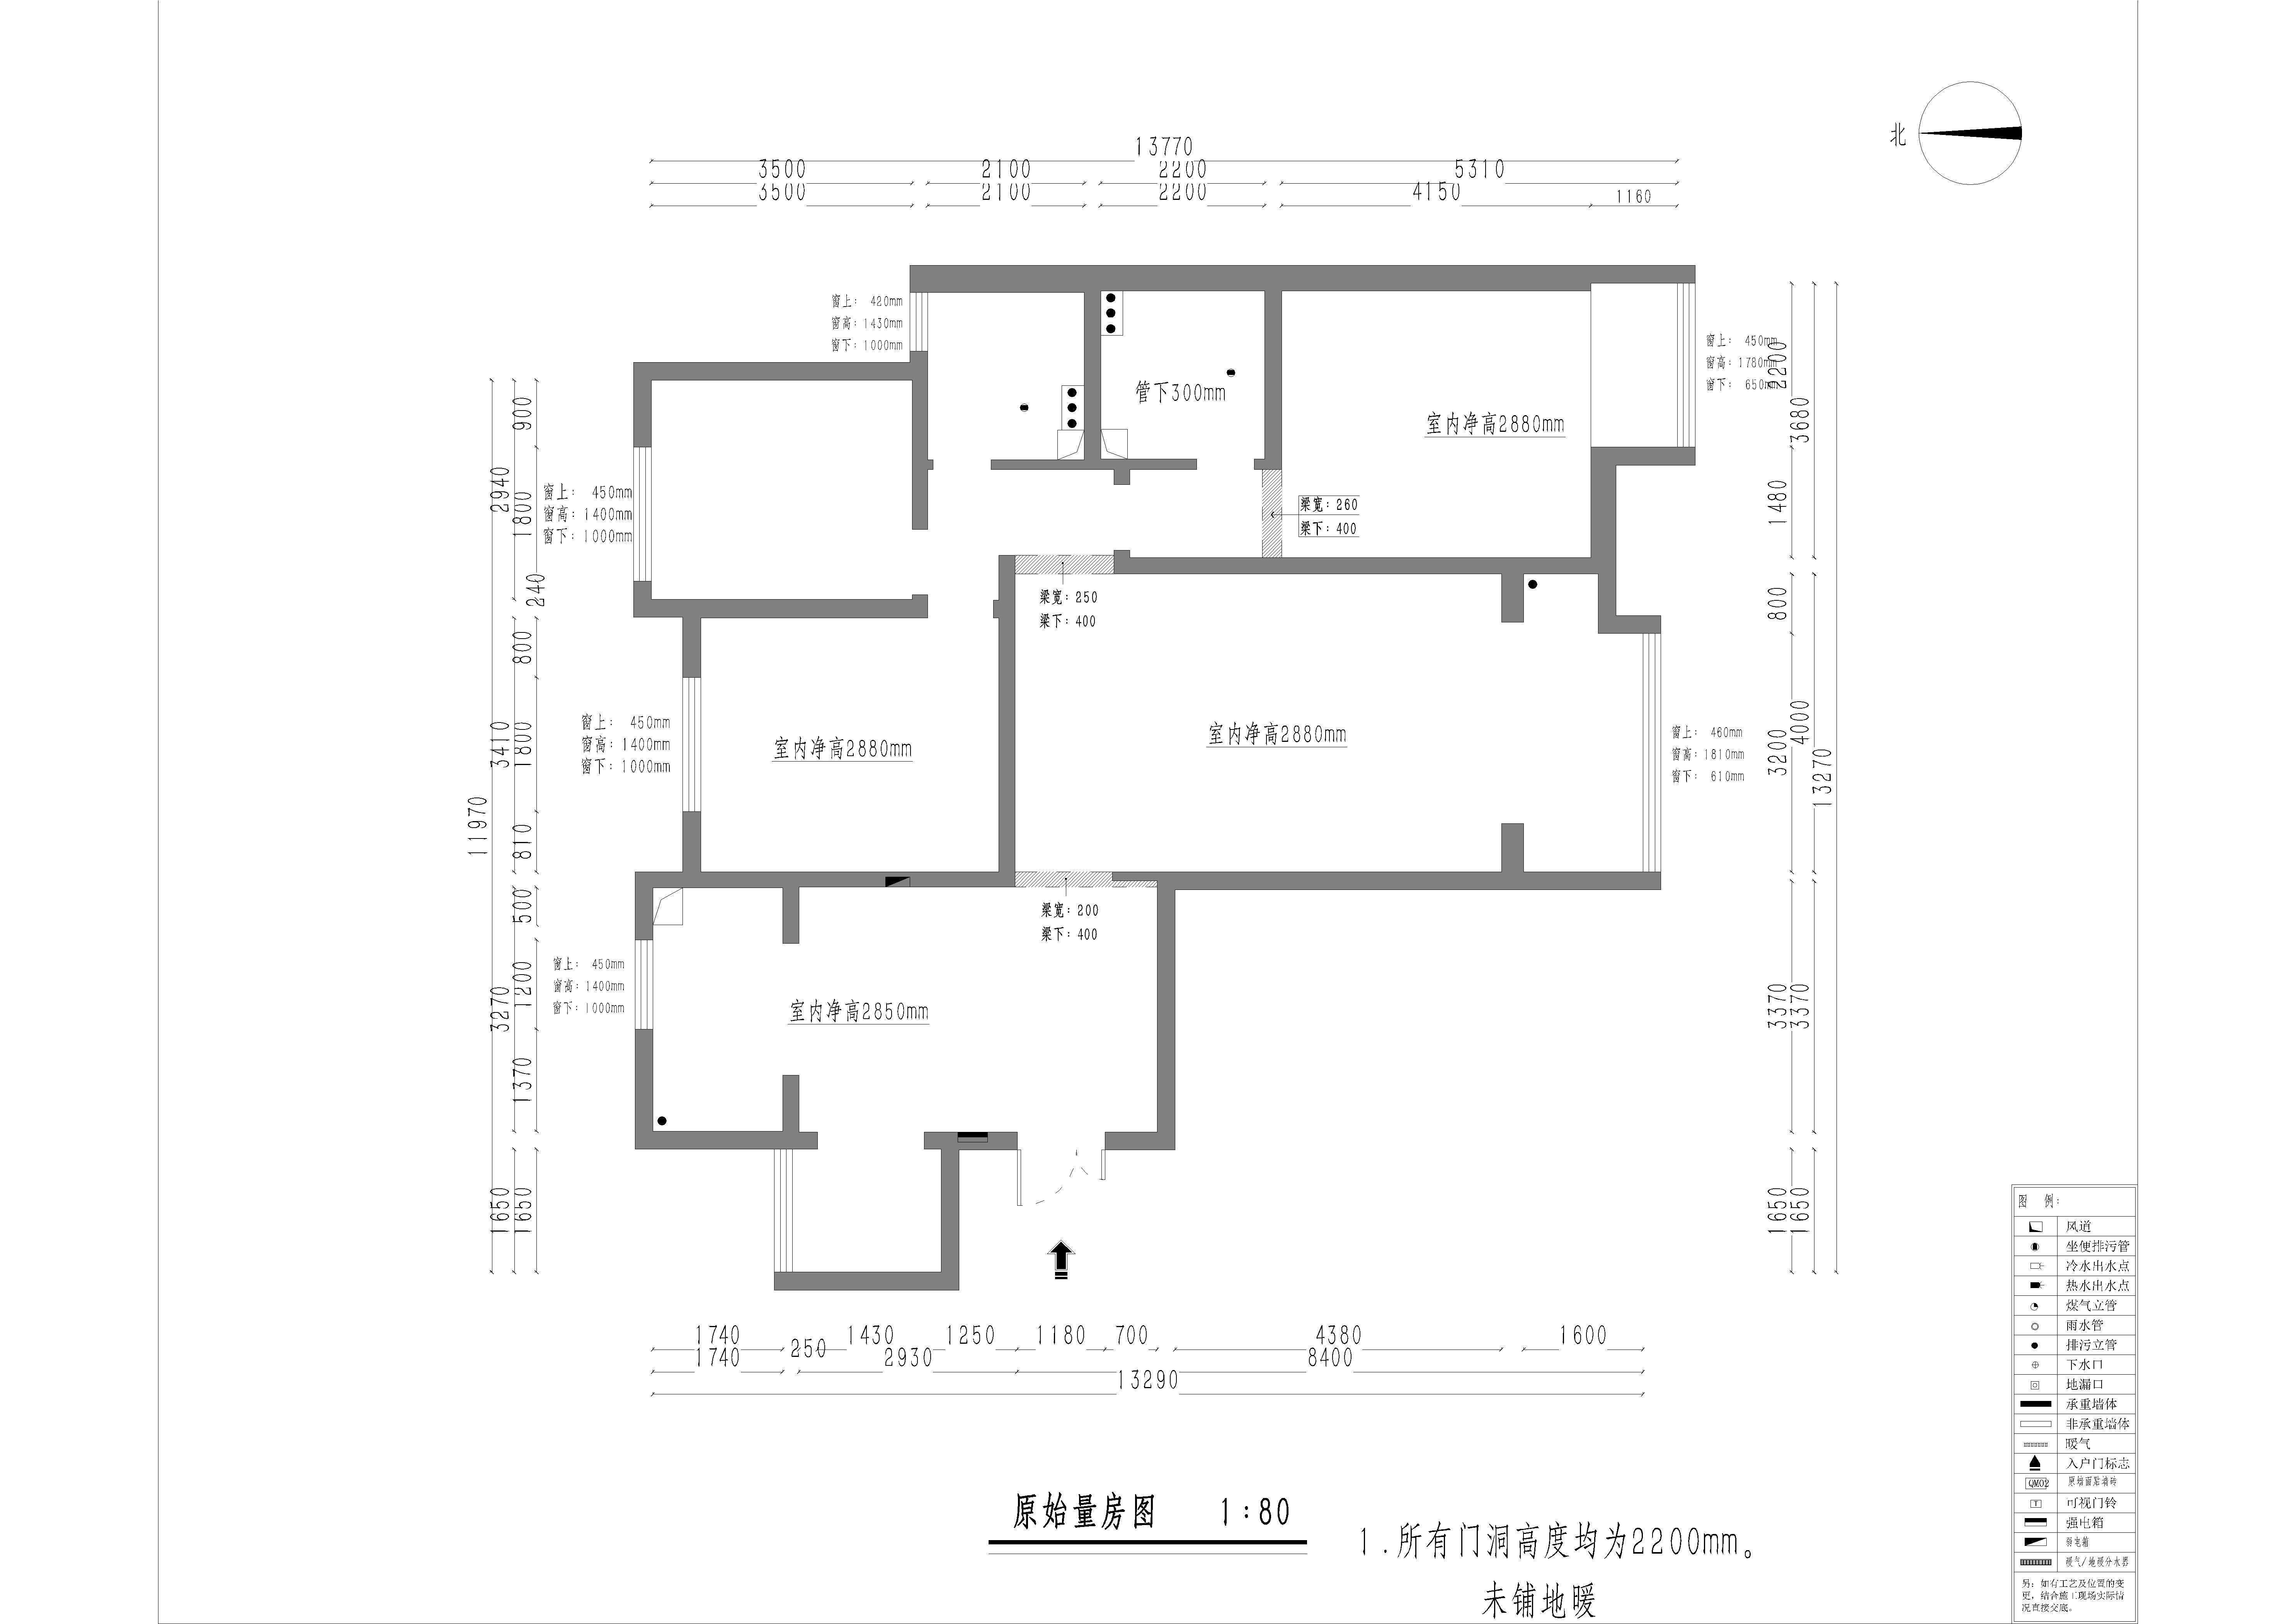 龙城壹号简美157平米装修效果图装修设计理念